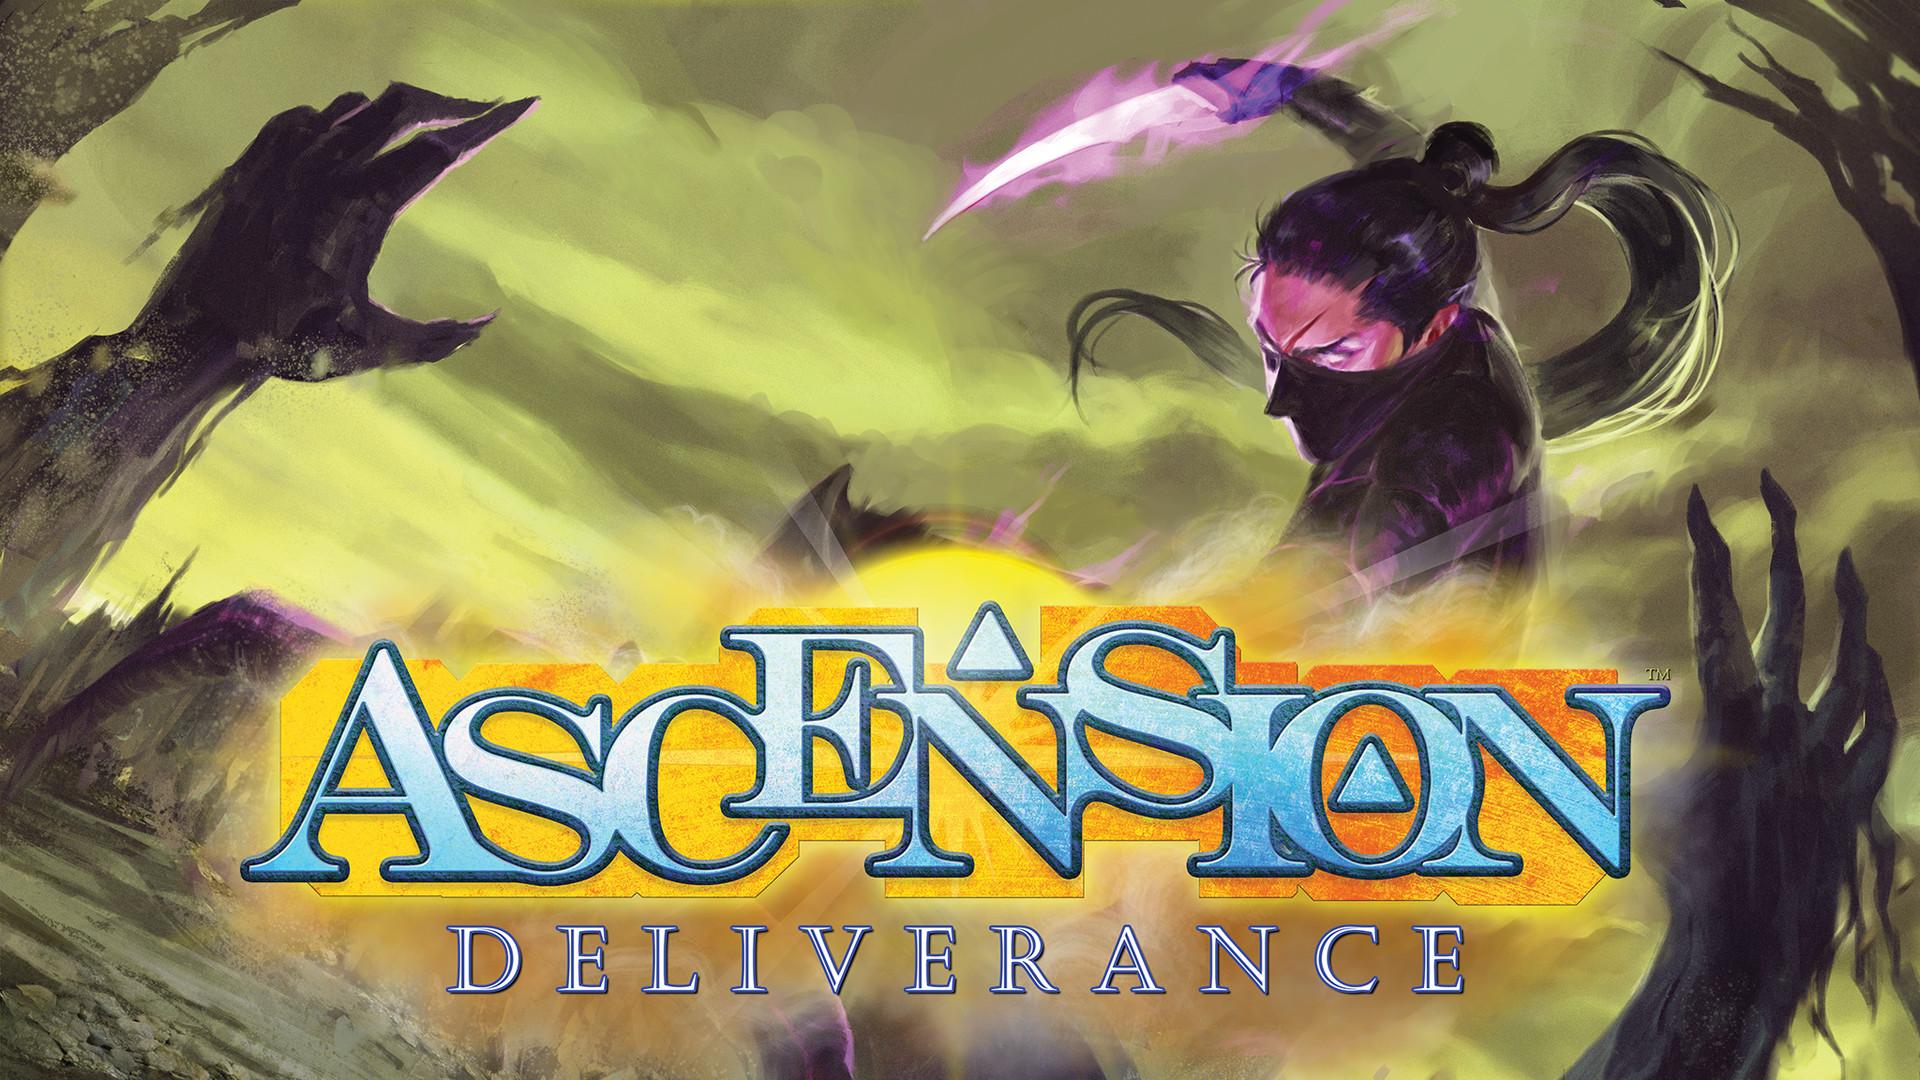 Ascension - Deliverance Free Download